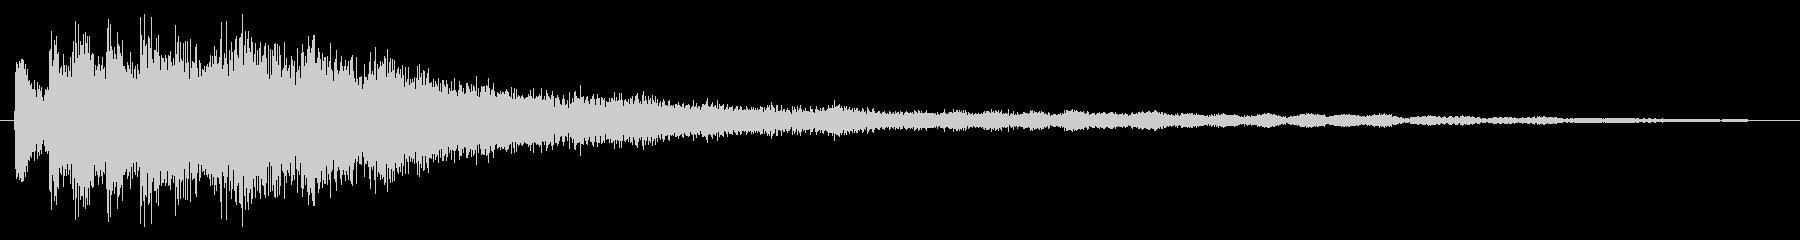 ハッピーツインクルスパークの未再生の波形